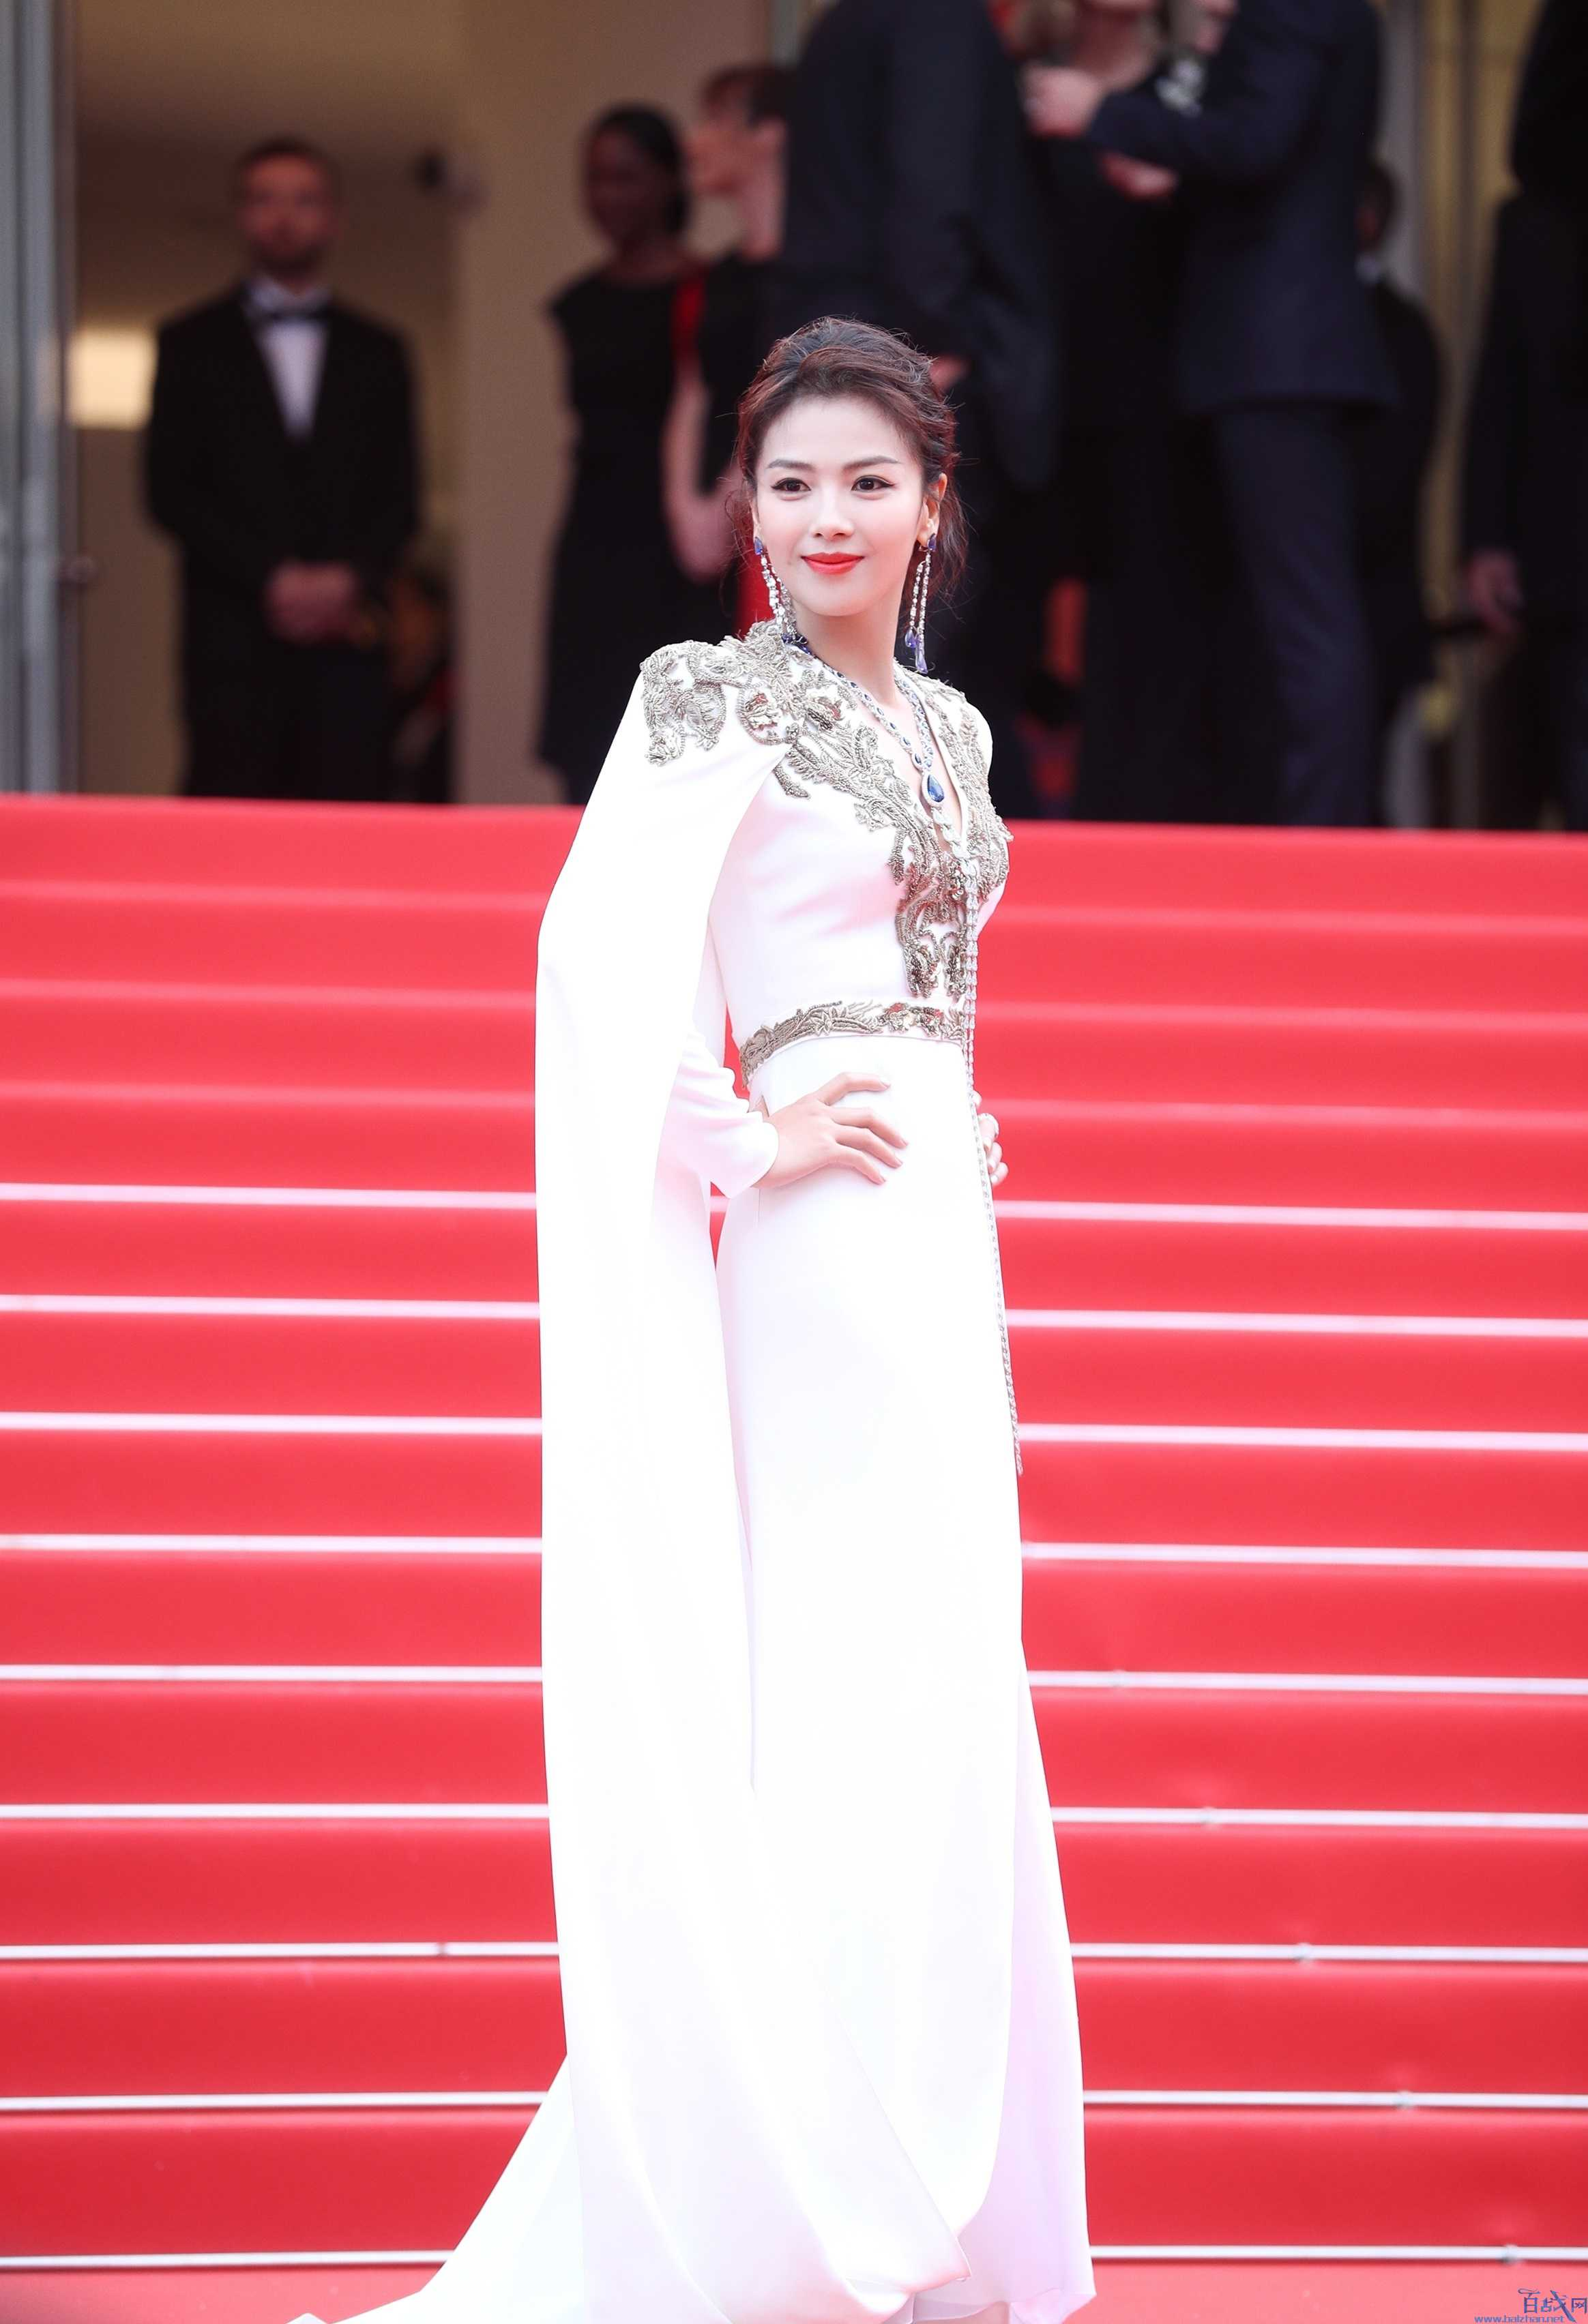 刘涛白色深V高开叉礼服,刘涛高开叉礼服,刘涛戛纳电影节